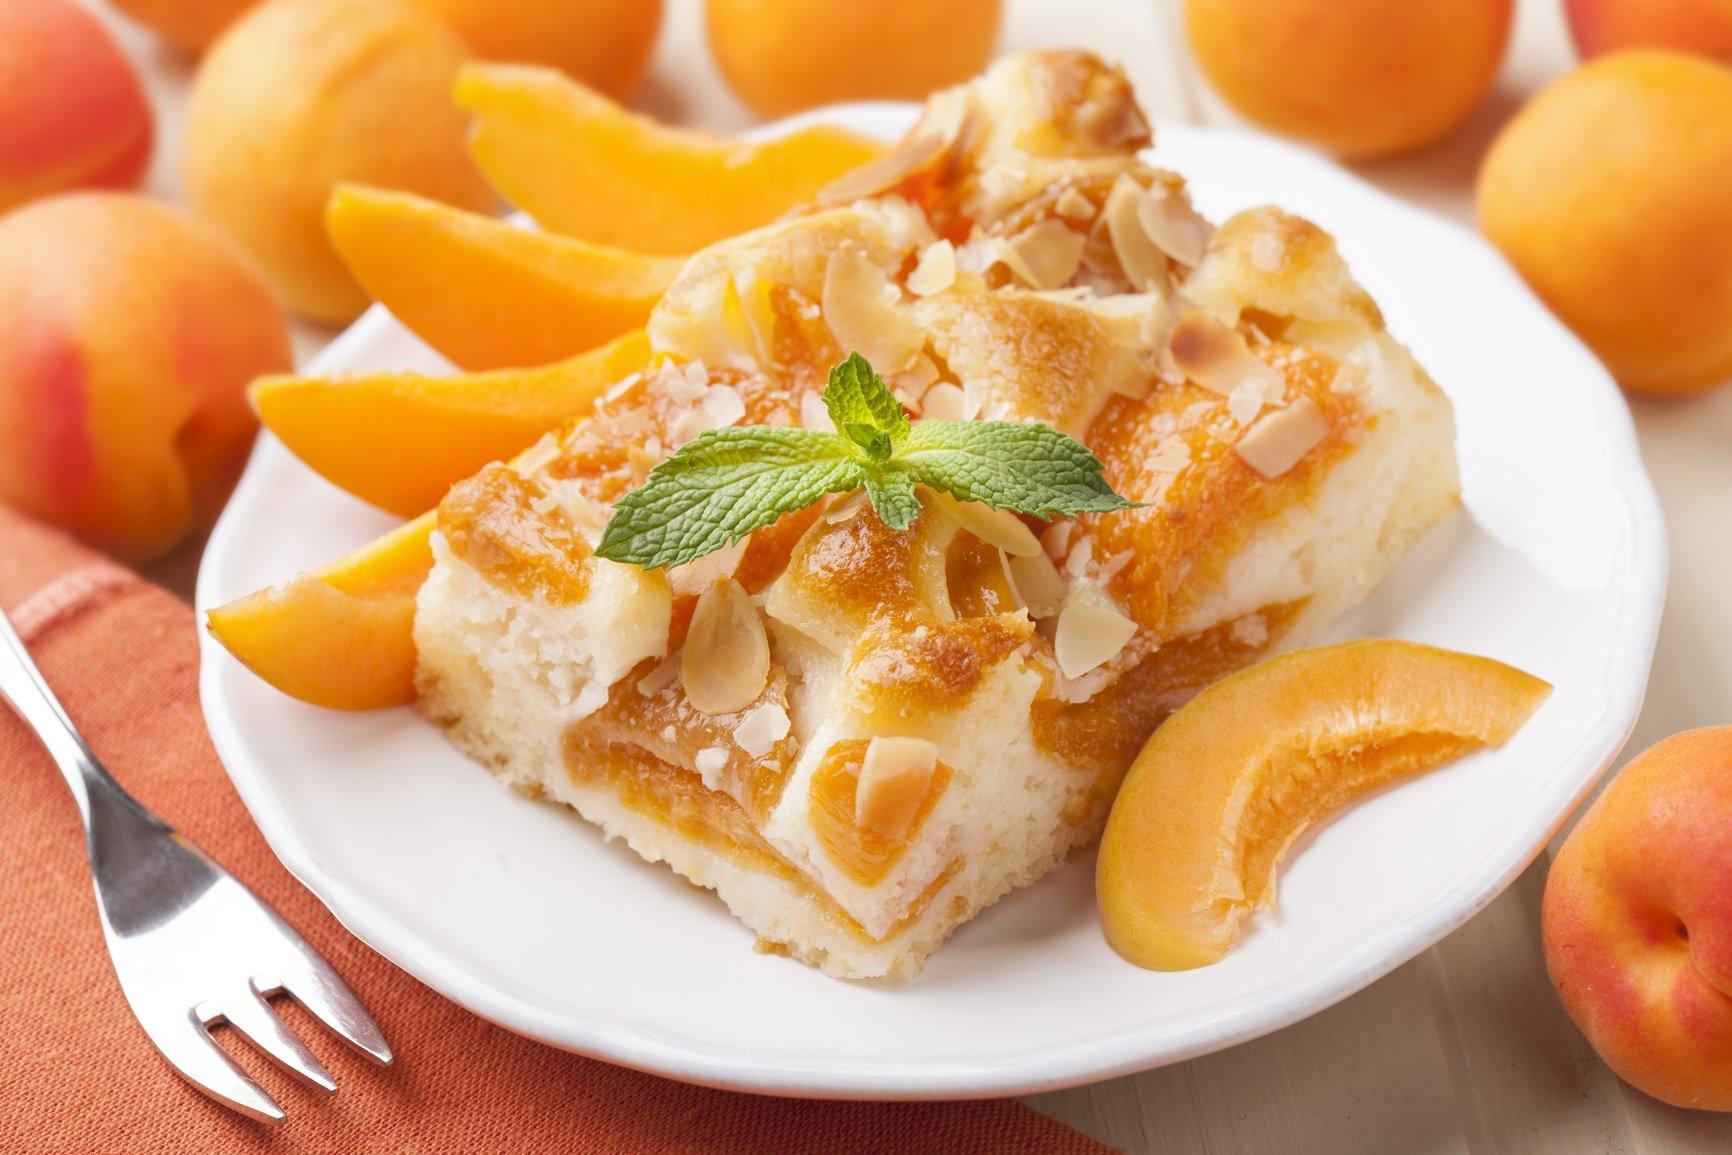 Творожный пирог с абрикосами: рецепт вкусного и легкого десерта - today.ua